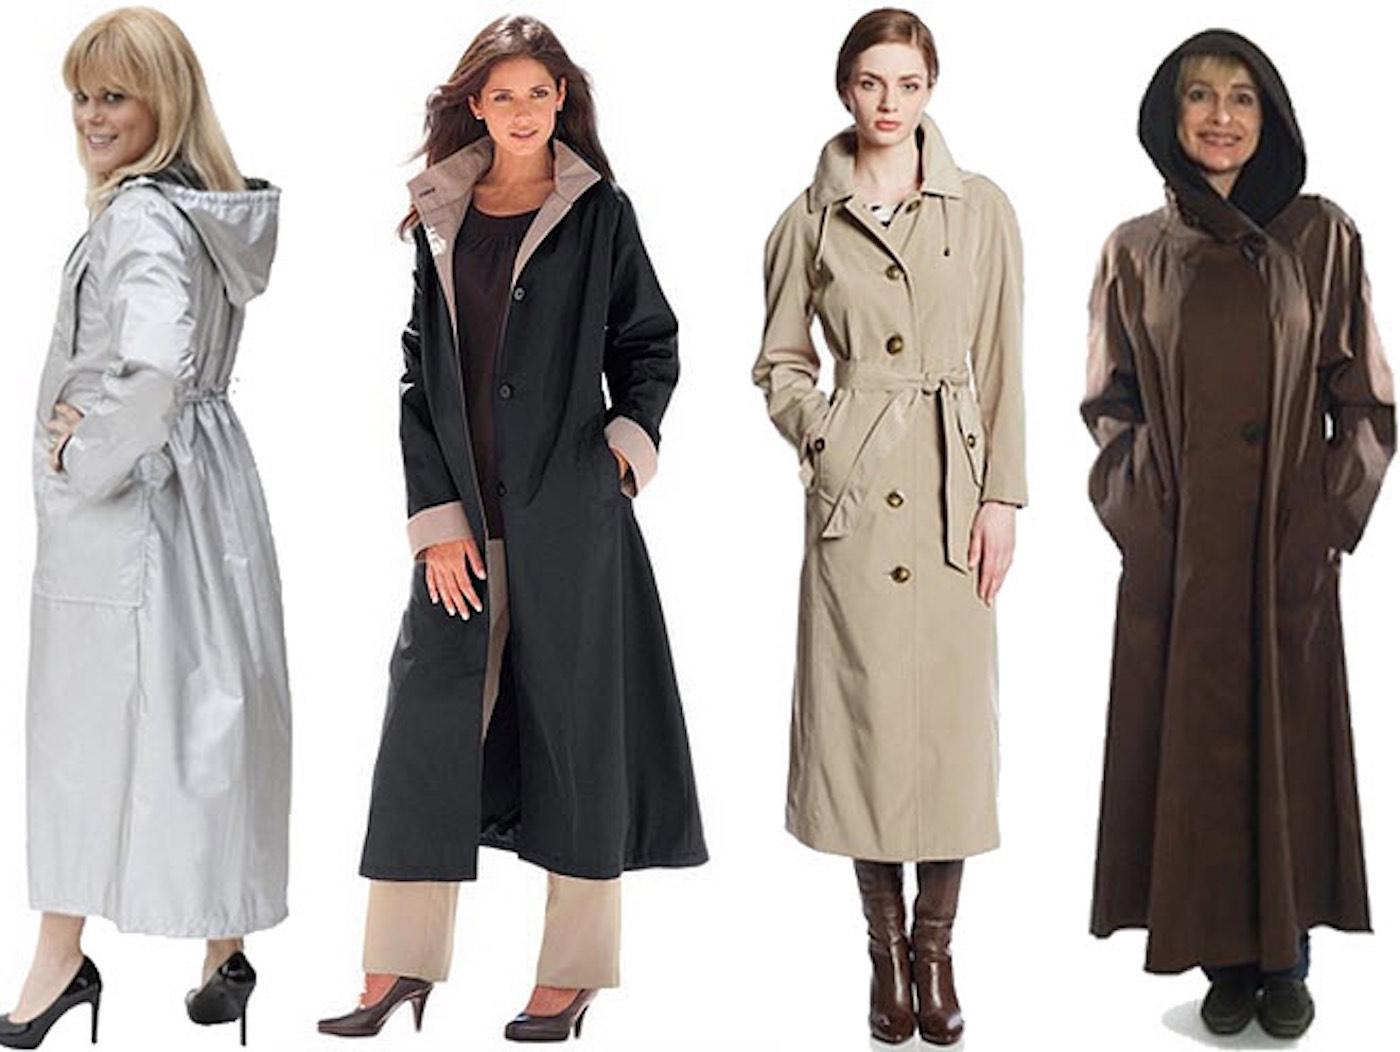 Top Coats for Trendy Looks 2